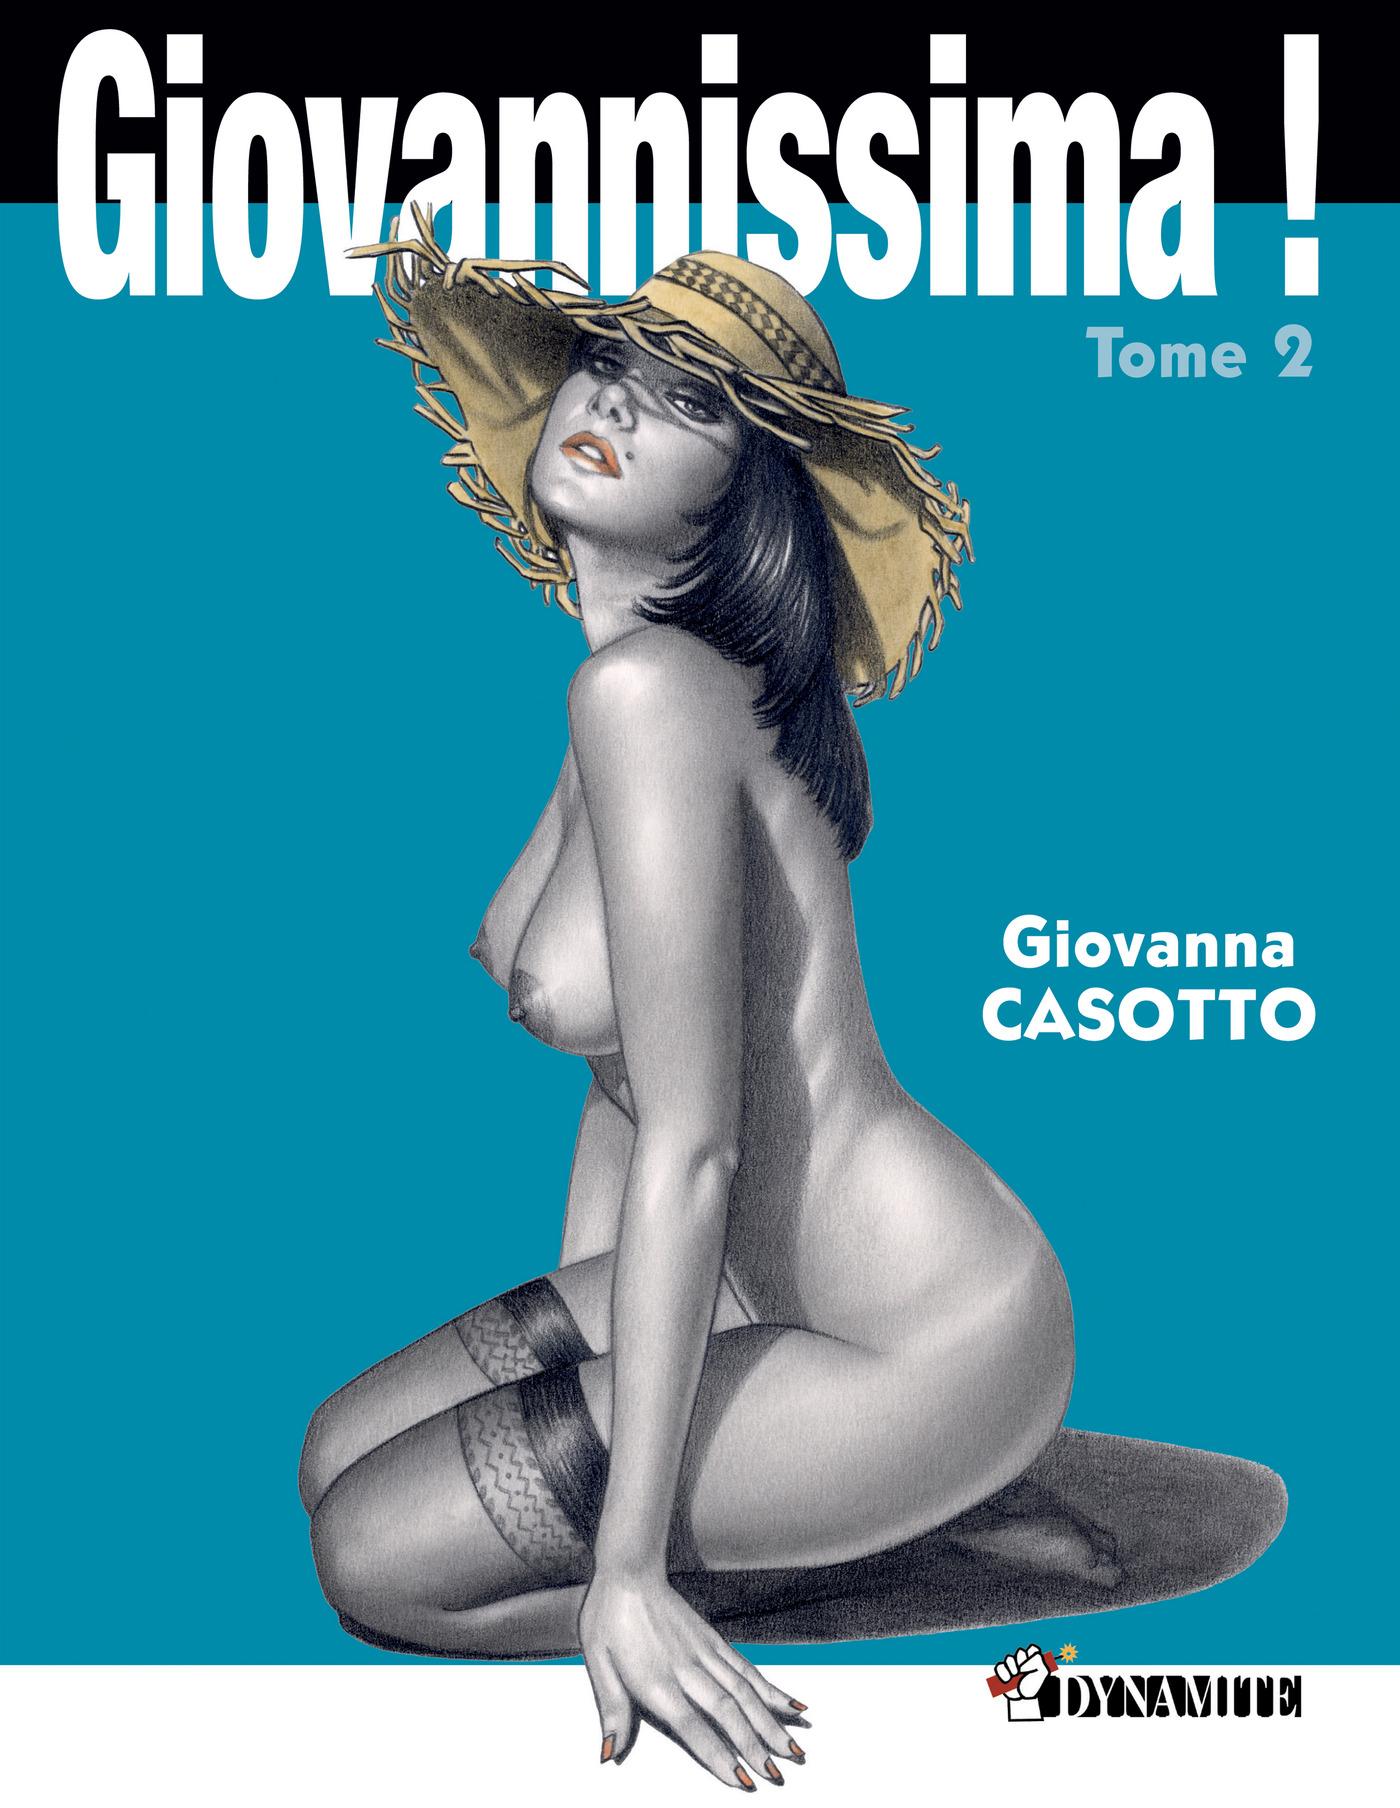 Giovannissima - tome 2